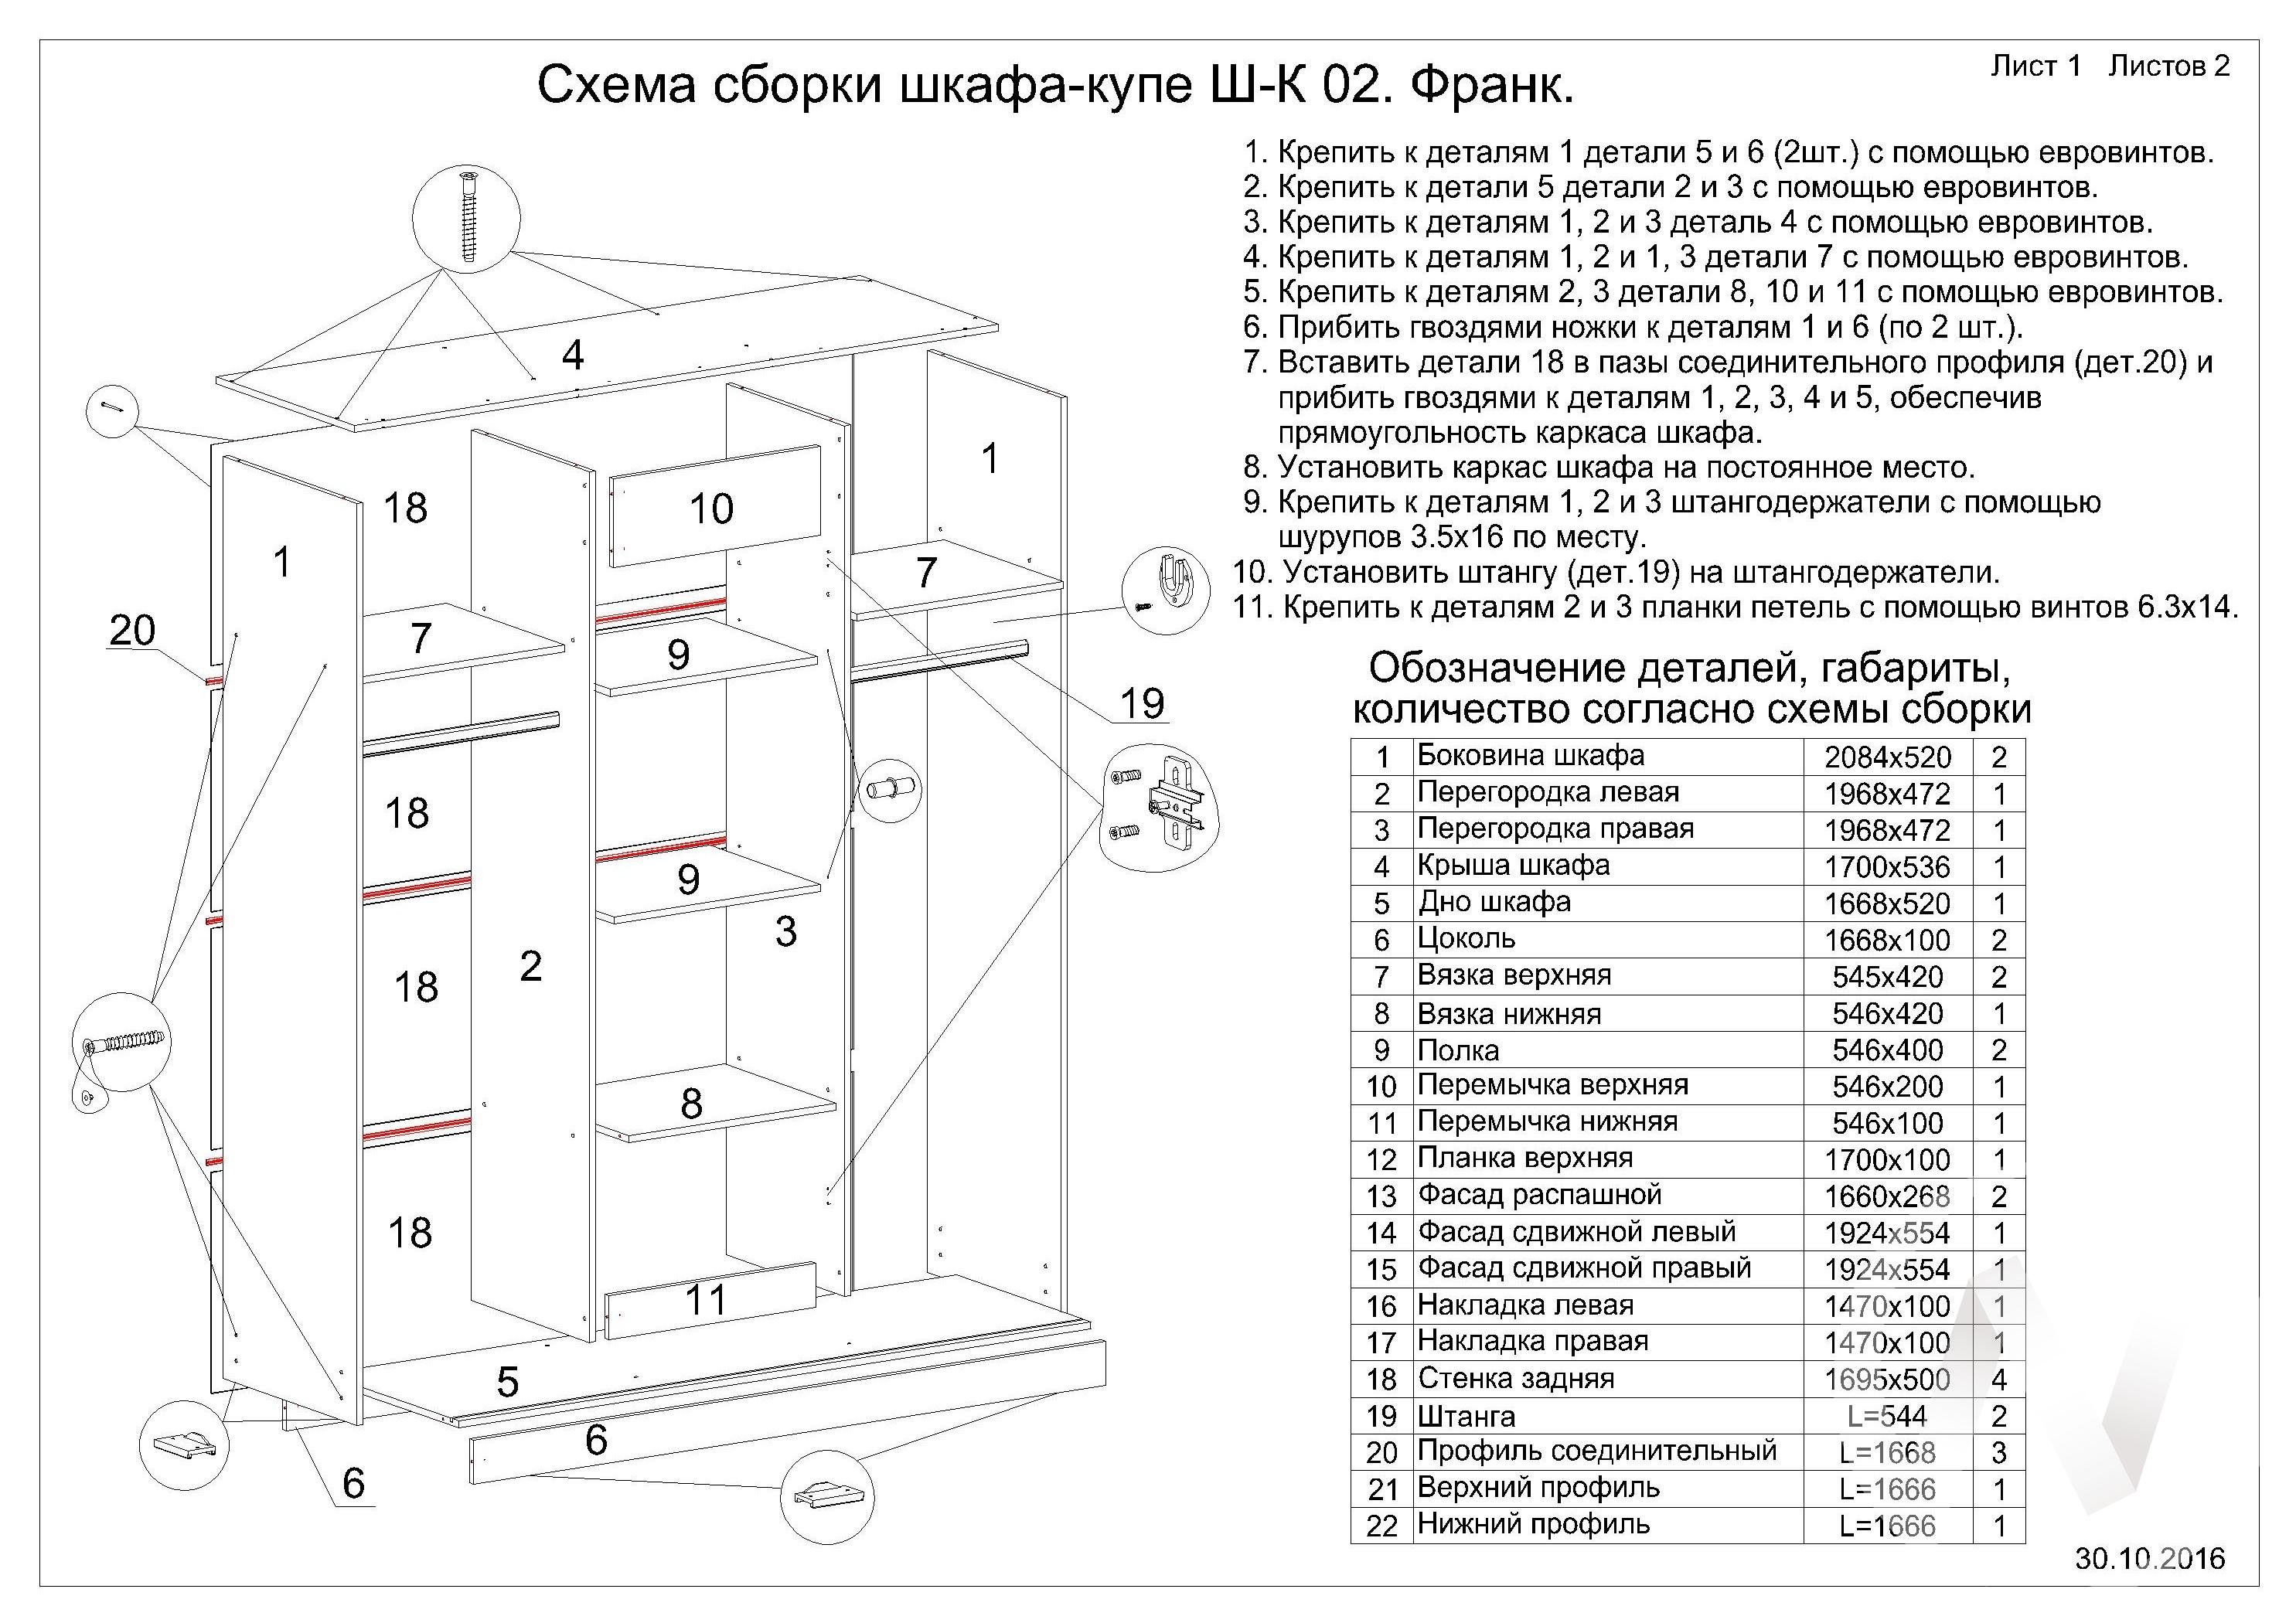 Шкаф-купе Франк (венге/дуб белфорд)   в Новосибирске - интернет магазин Мебельный Проспект